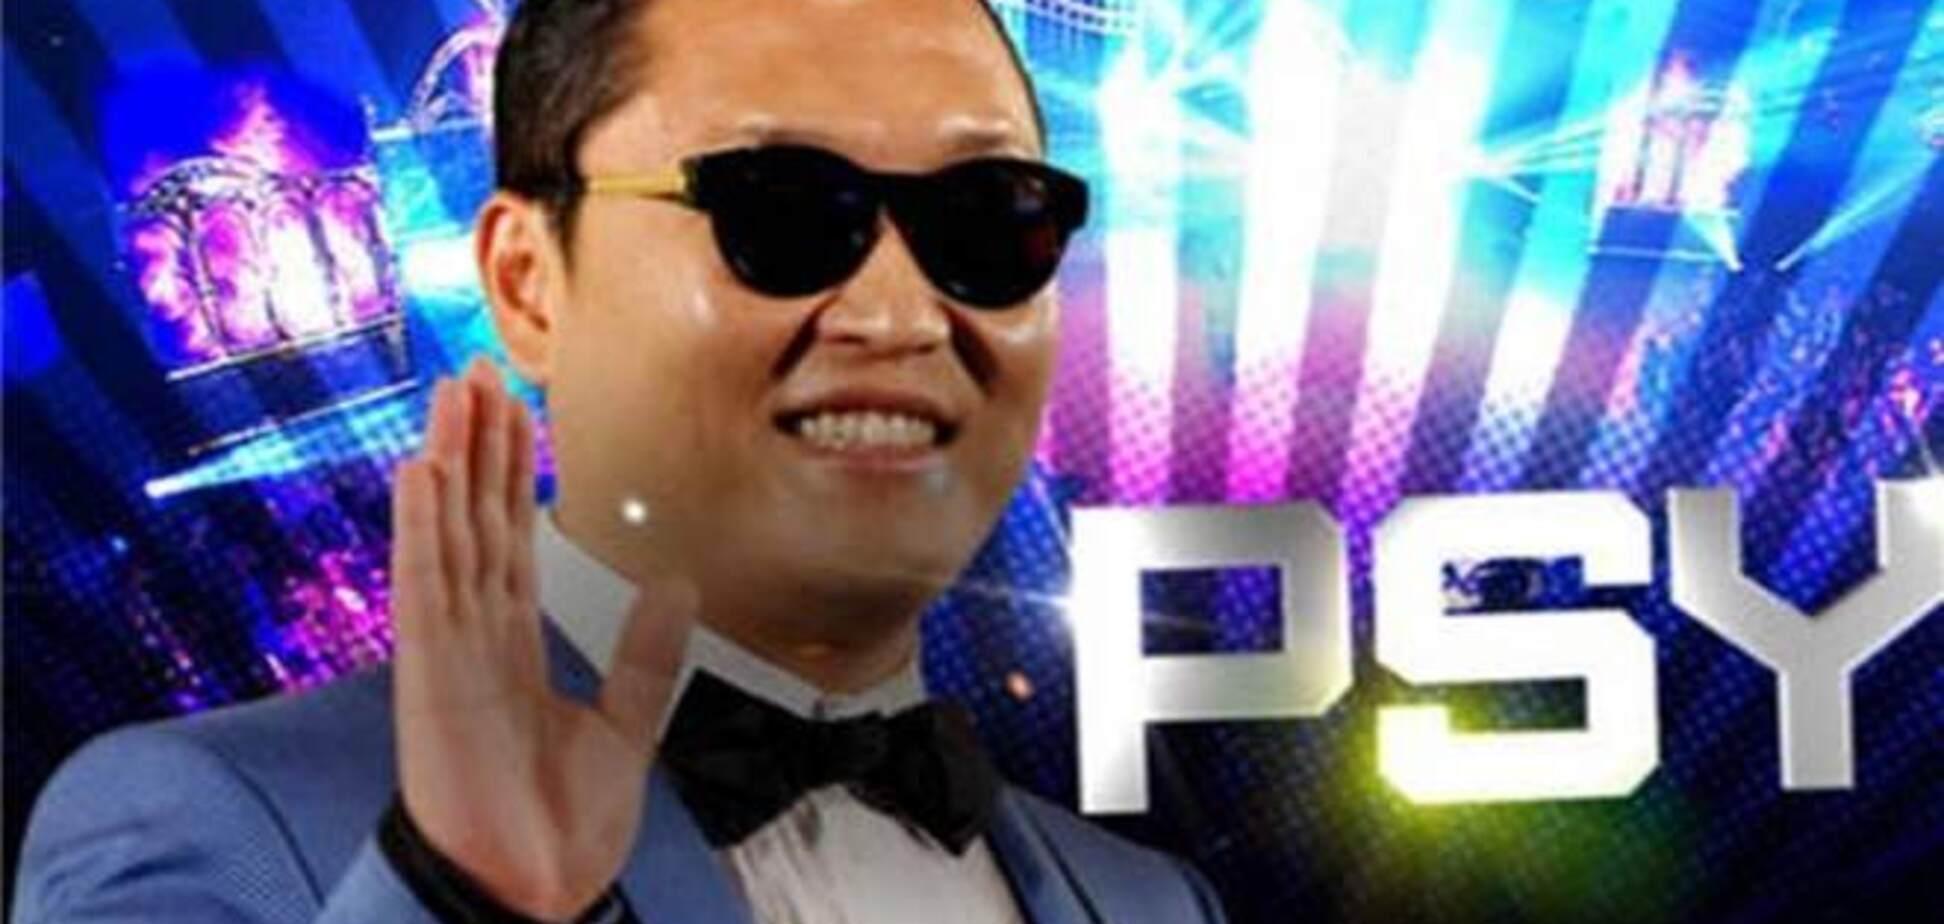 Автор хіта Gangnam Style страждає алкоголізмом